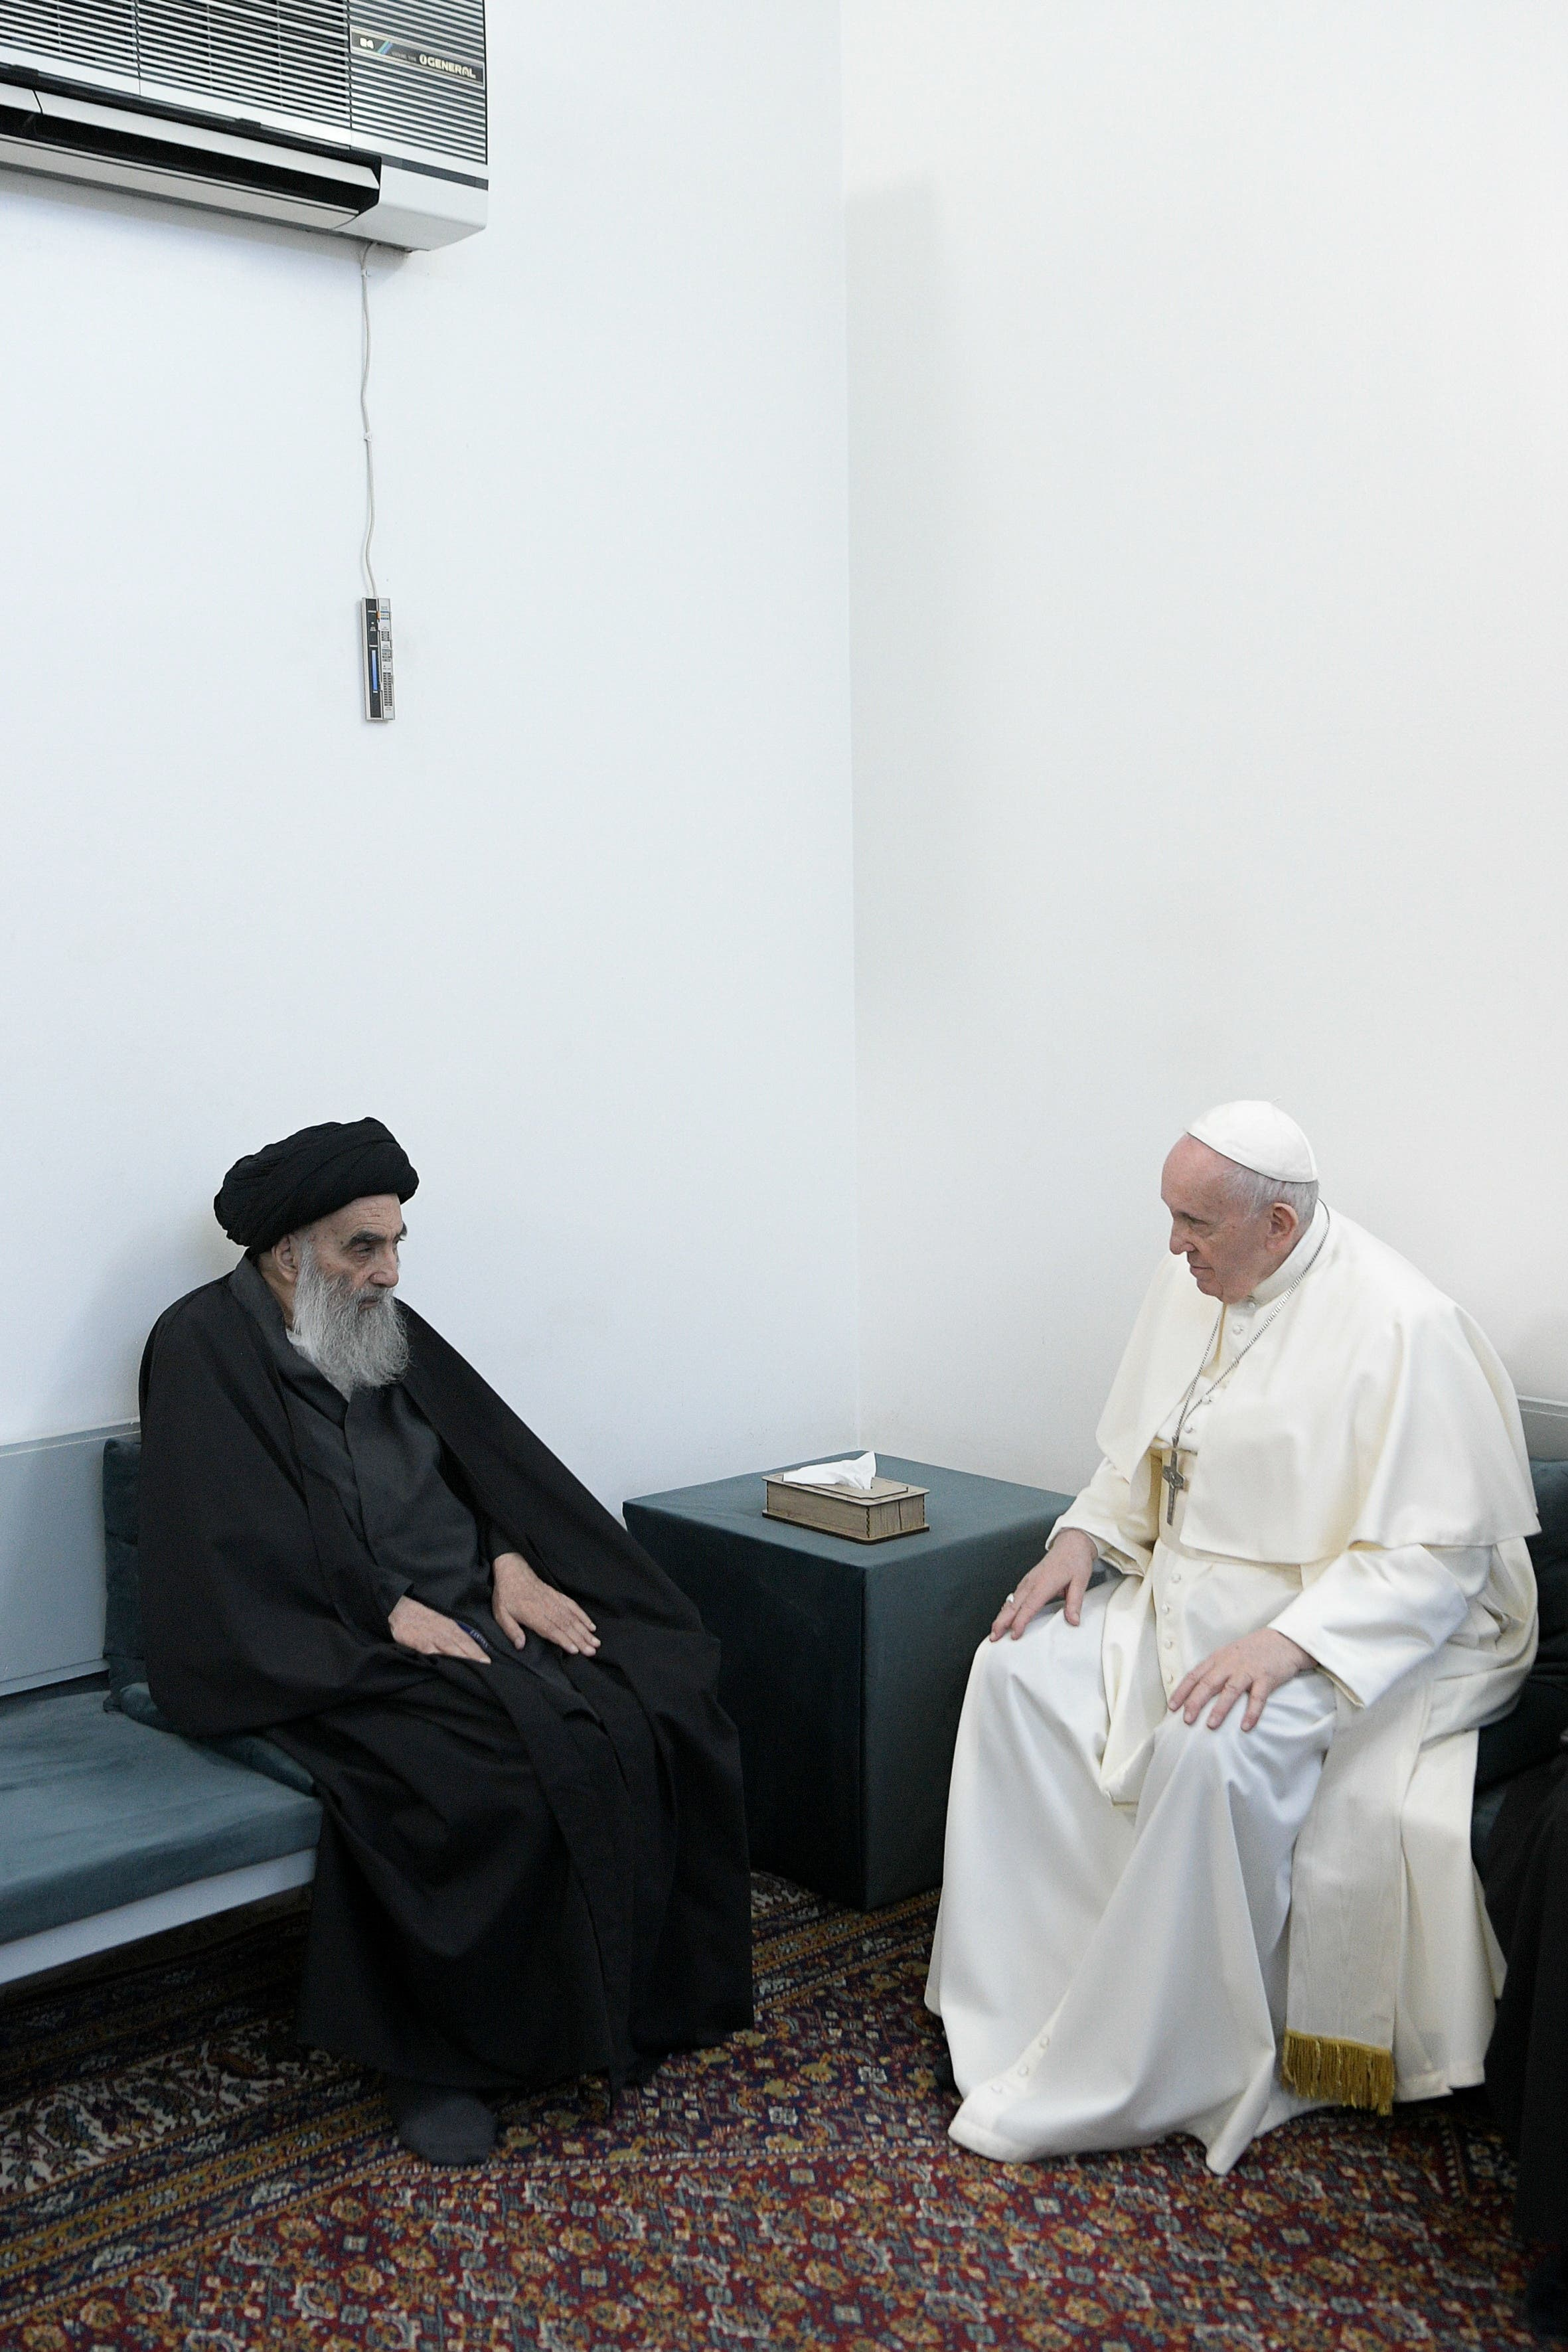 البابا يلتقي السيستاني في النجف (رويترز)